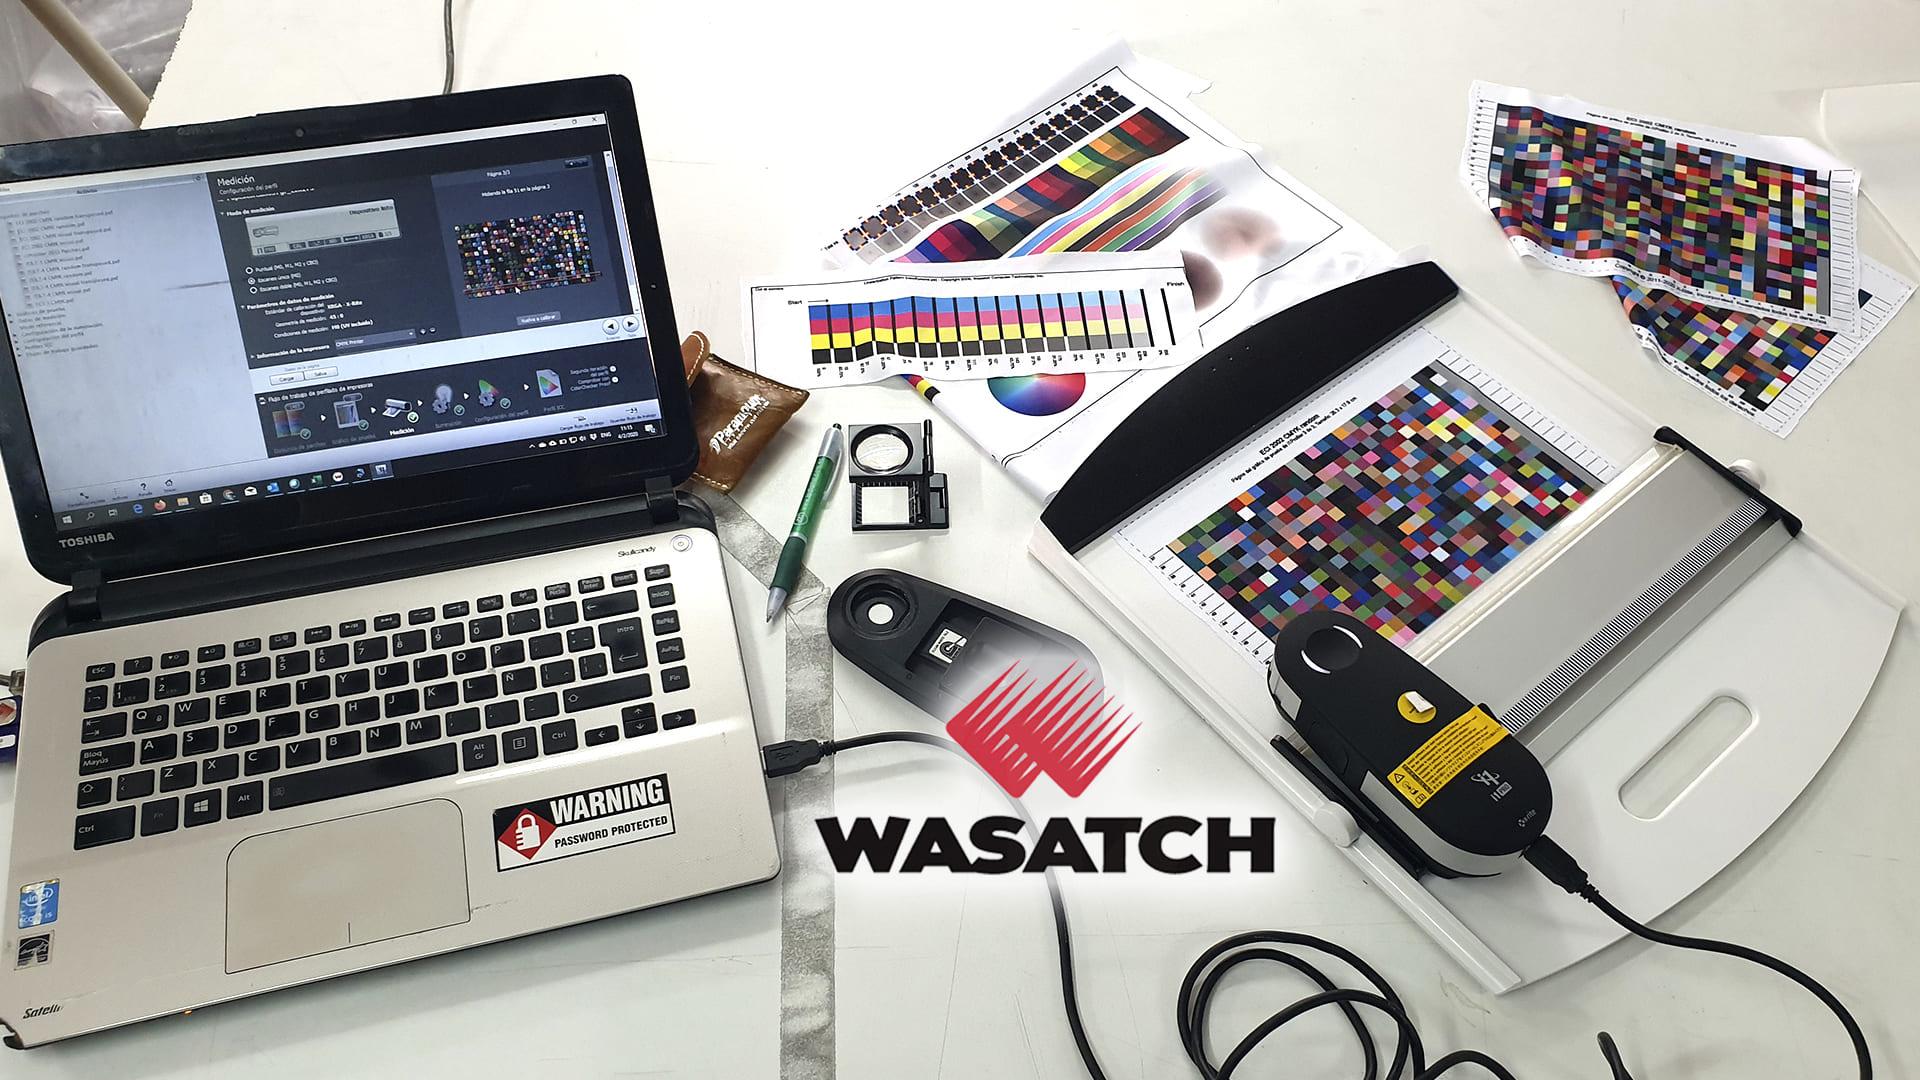 ¿Sabías que la licencia de tu Wasatch se puede perder?